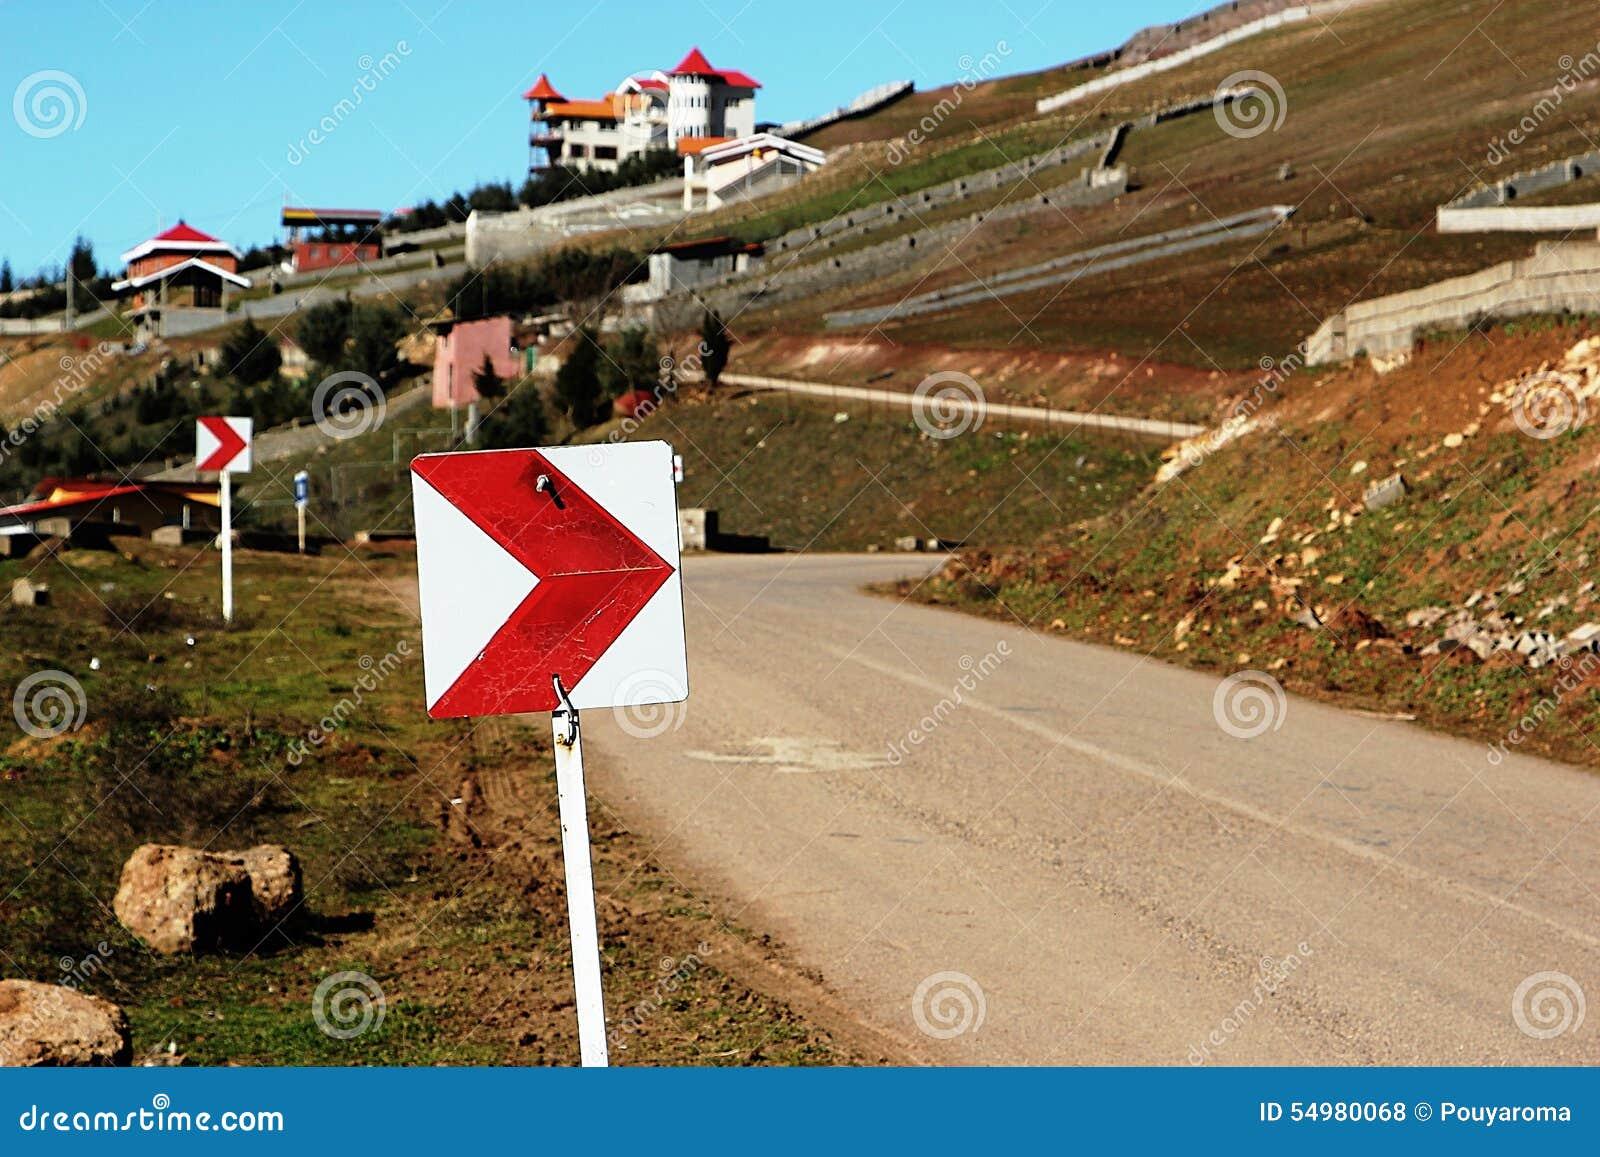 Trafiktecken på en väg